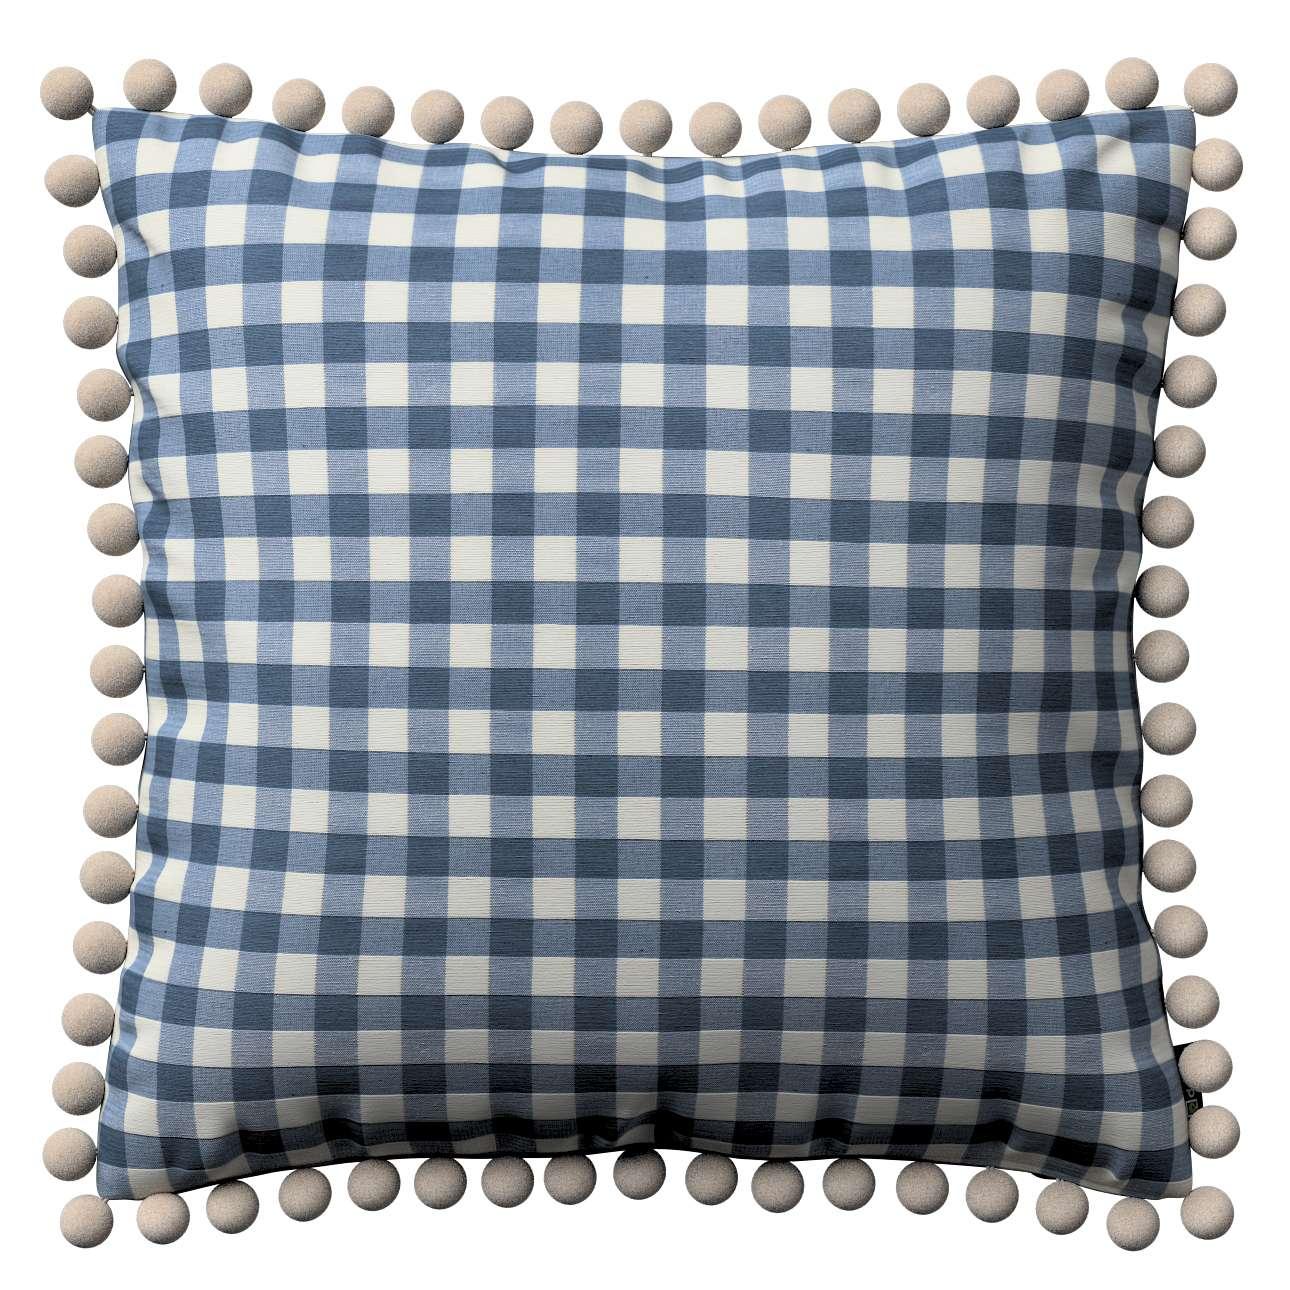 Poszewka Wera na poduszkę 45 x 45 cm w kolekcji Quadro, tkanina: 136-01